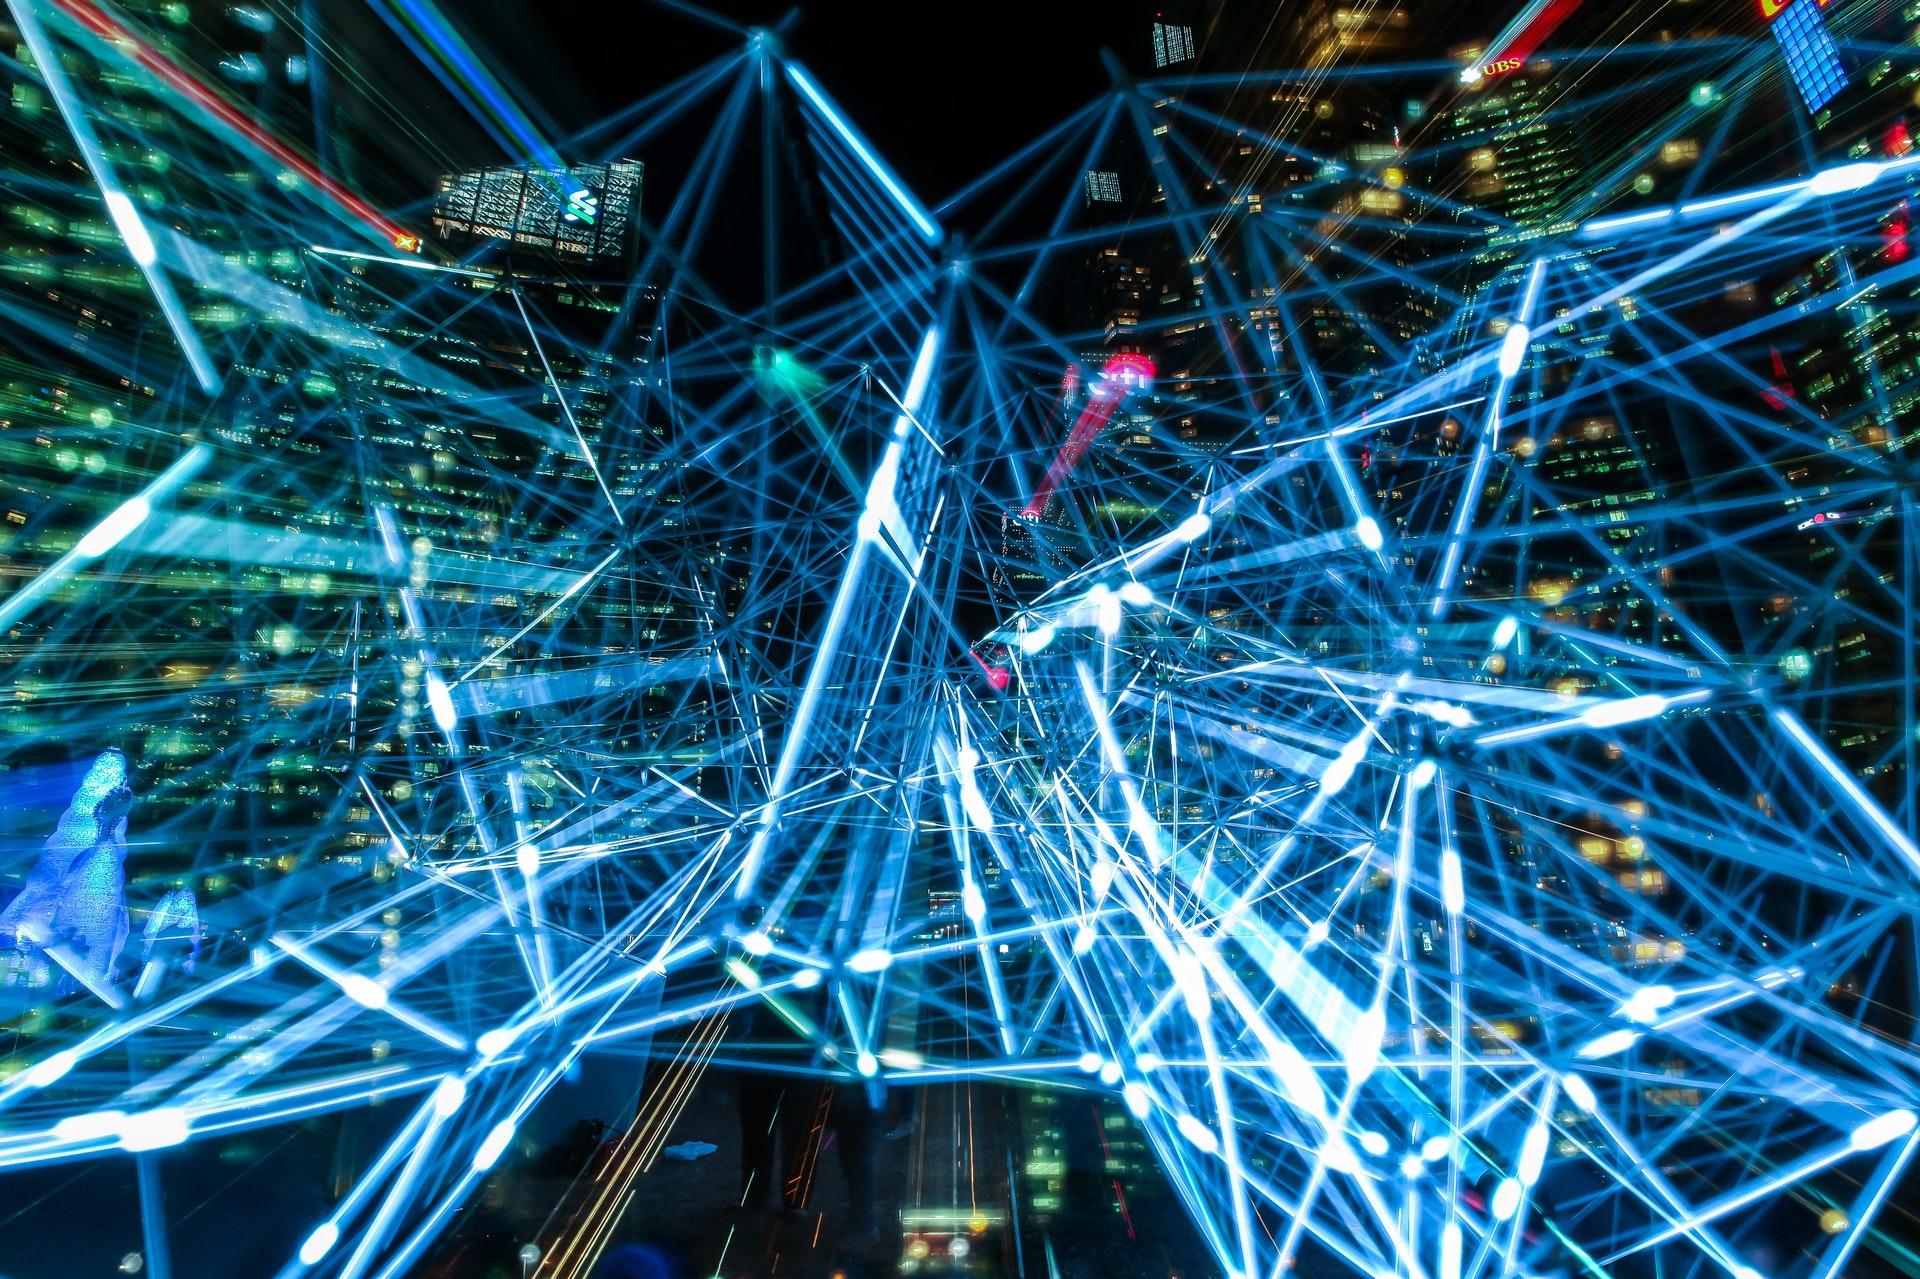 Darstellung eines Datennetzwerks durch blaue Lichter und Verästelungen